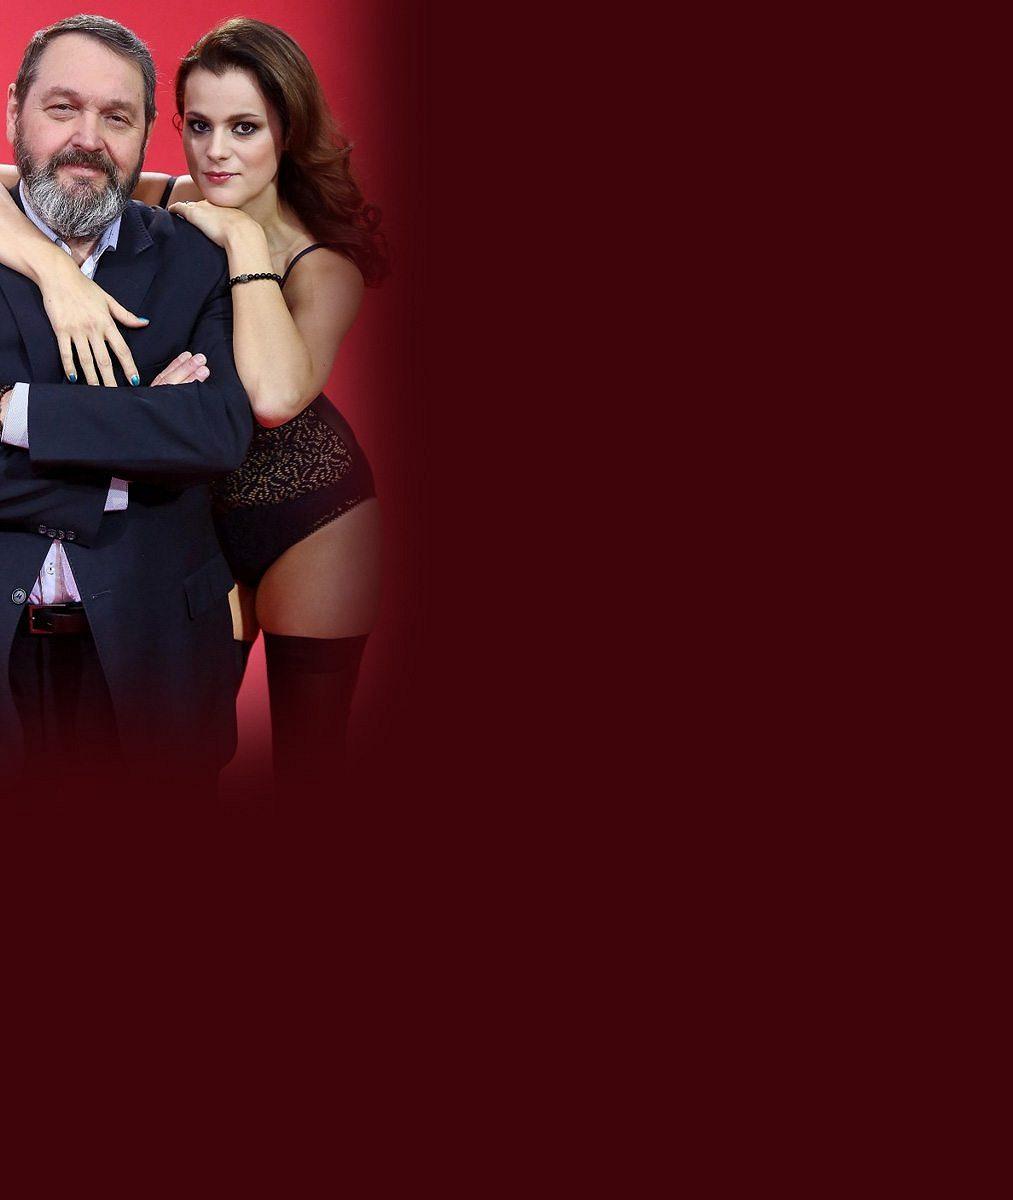 Rodinná idylka ubazénu: Josef Kokta zvěčnil svou ženušku Ornellu nahoře bez